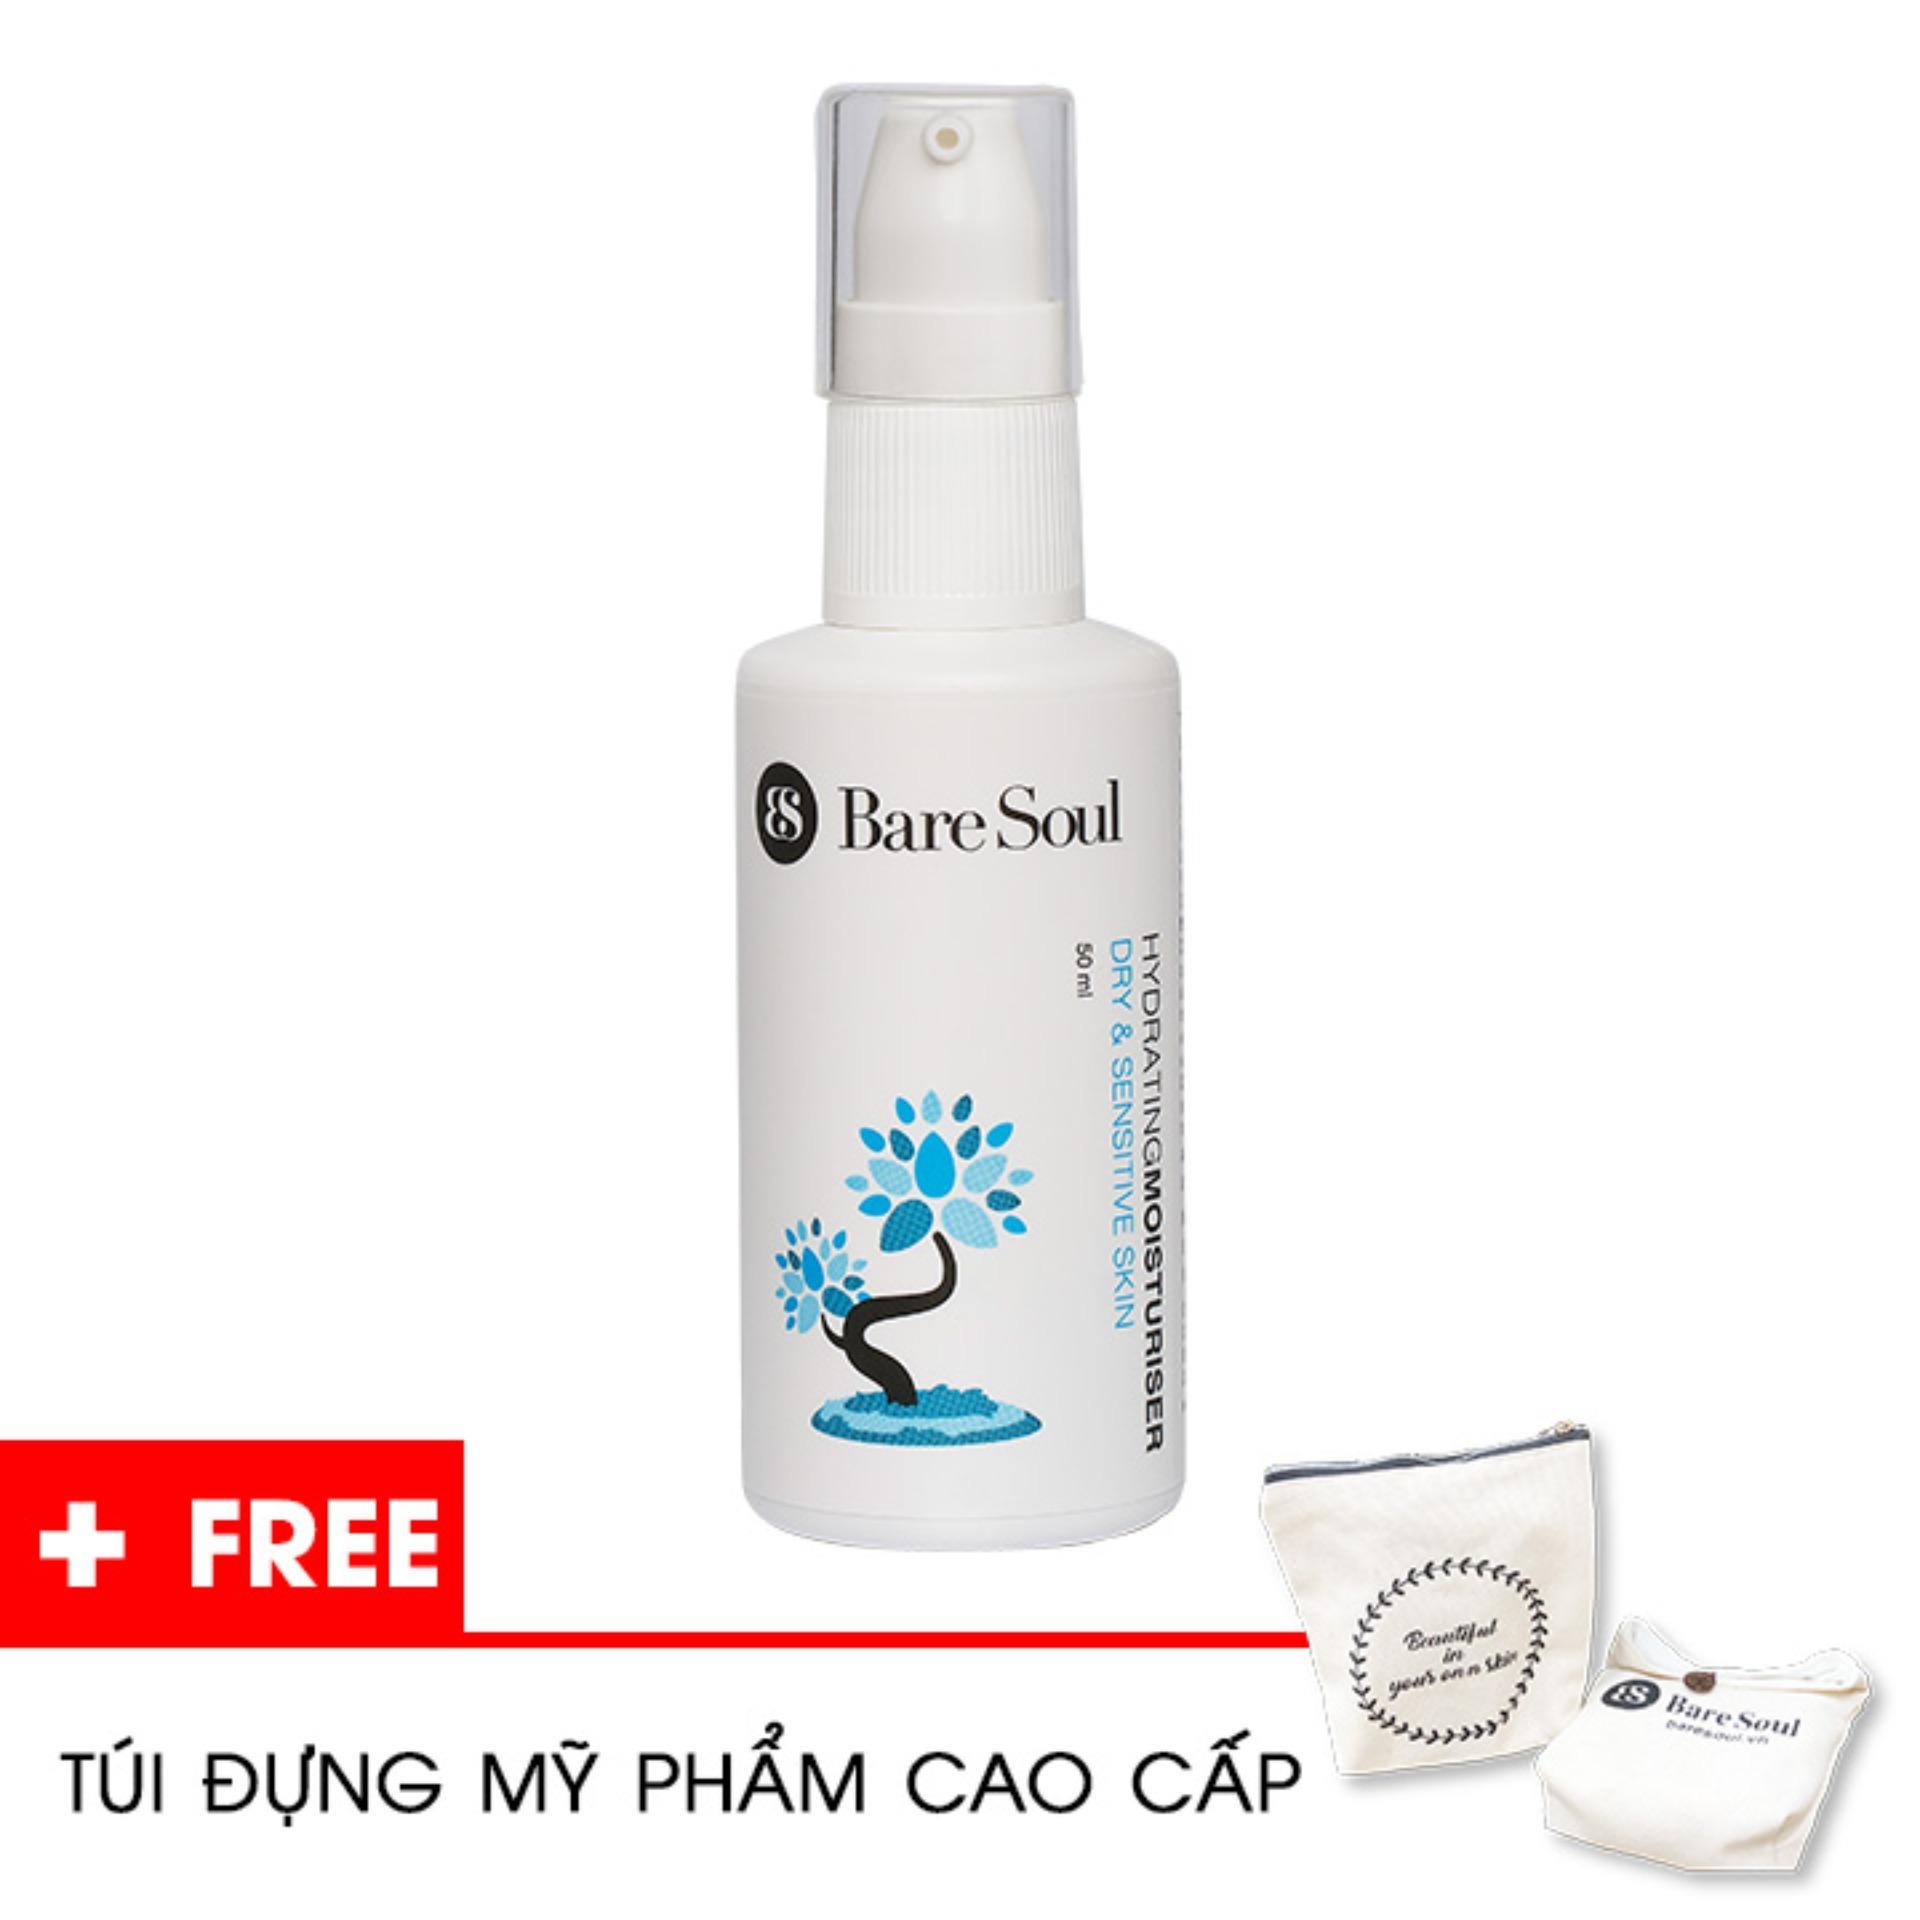 Kem dưỡng ẩm nuôi dưỡng BareSoul – Da khô & da nhạy cảm full-size 50ml – Hàng chính hãng – Hydrating Moisturiser Dry & Sensitive Skin + Tặng túi mỹ phẩm cao cấp